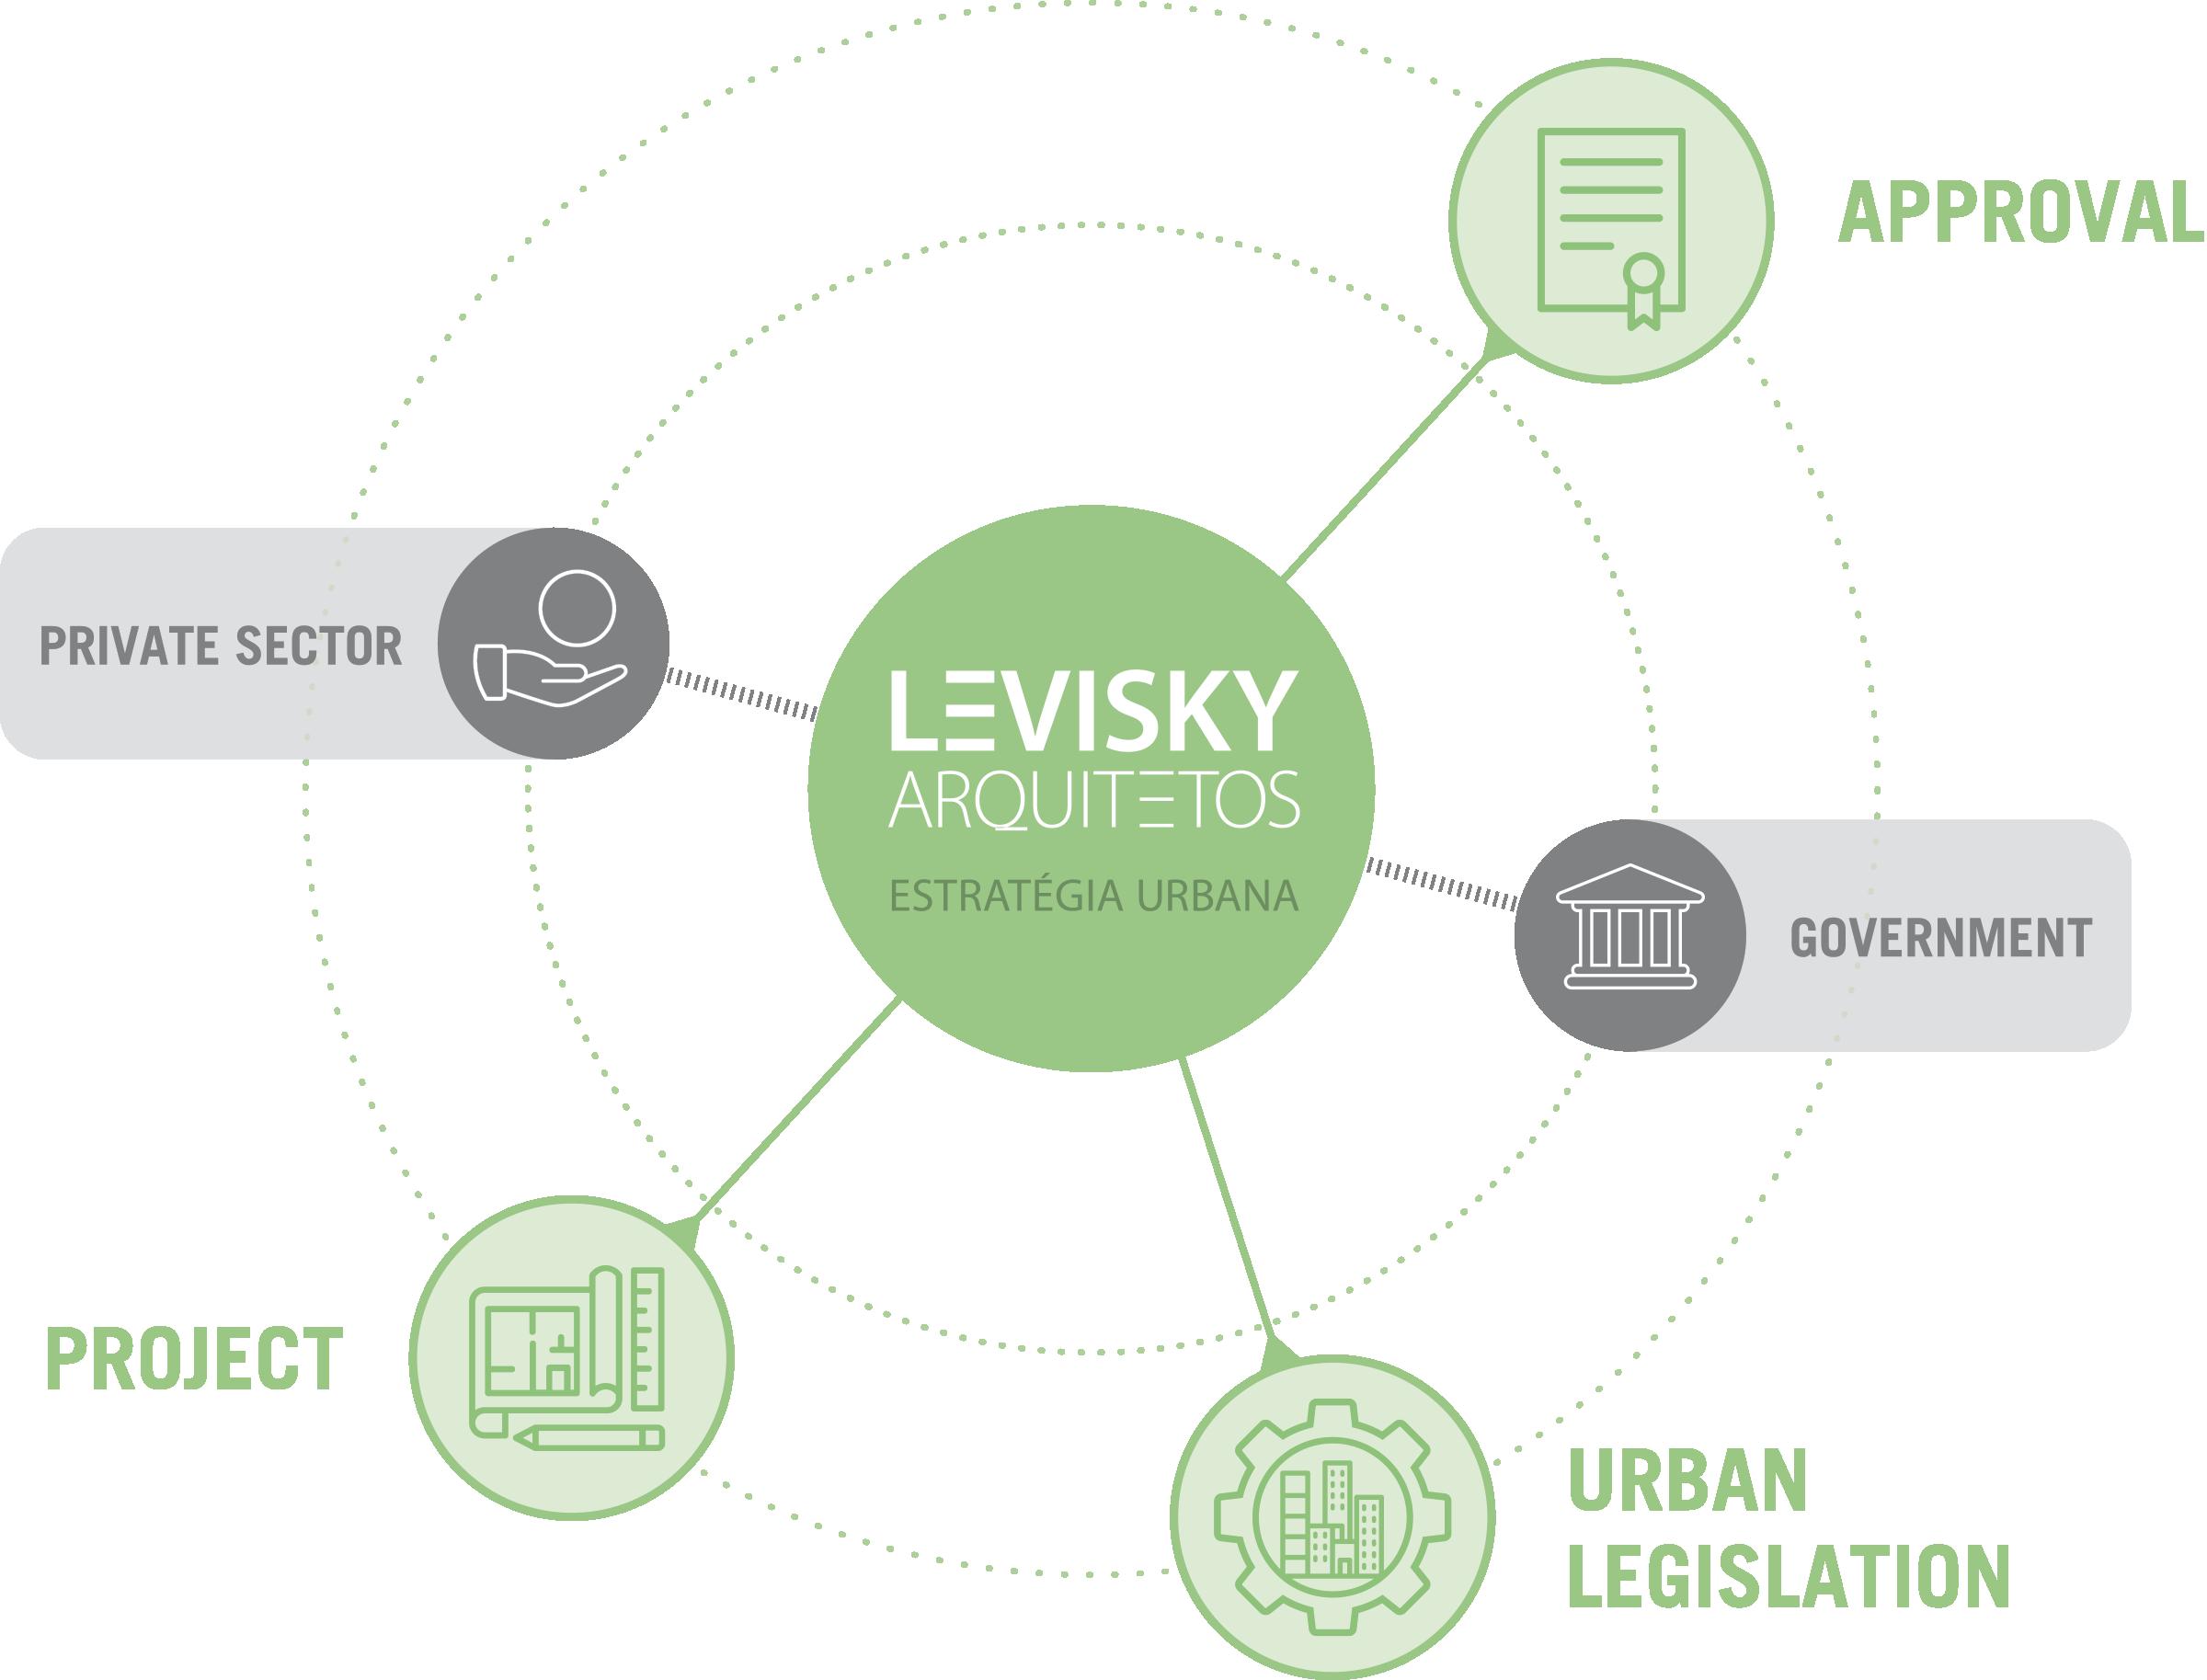 activity-levisky